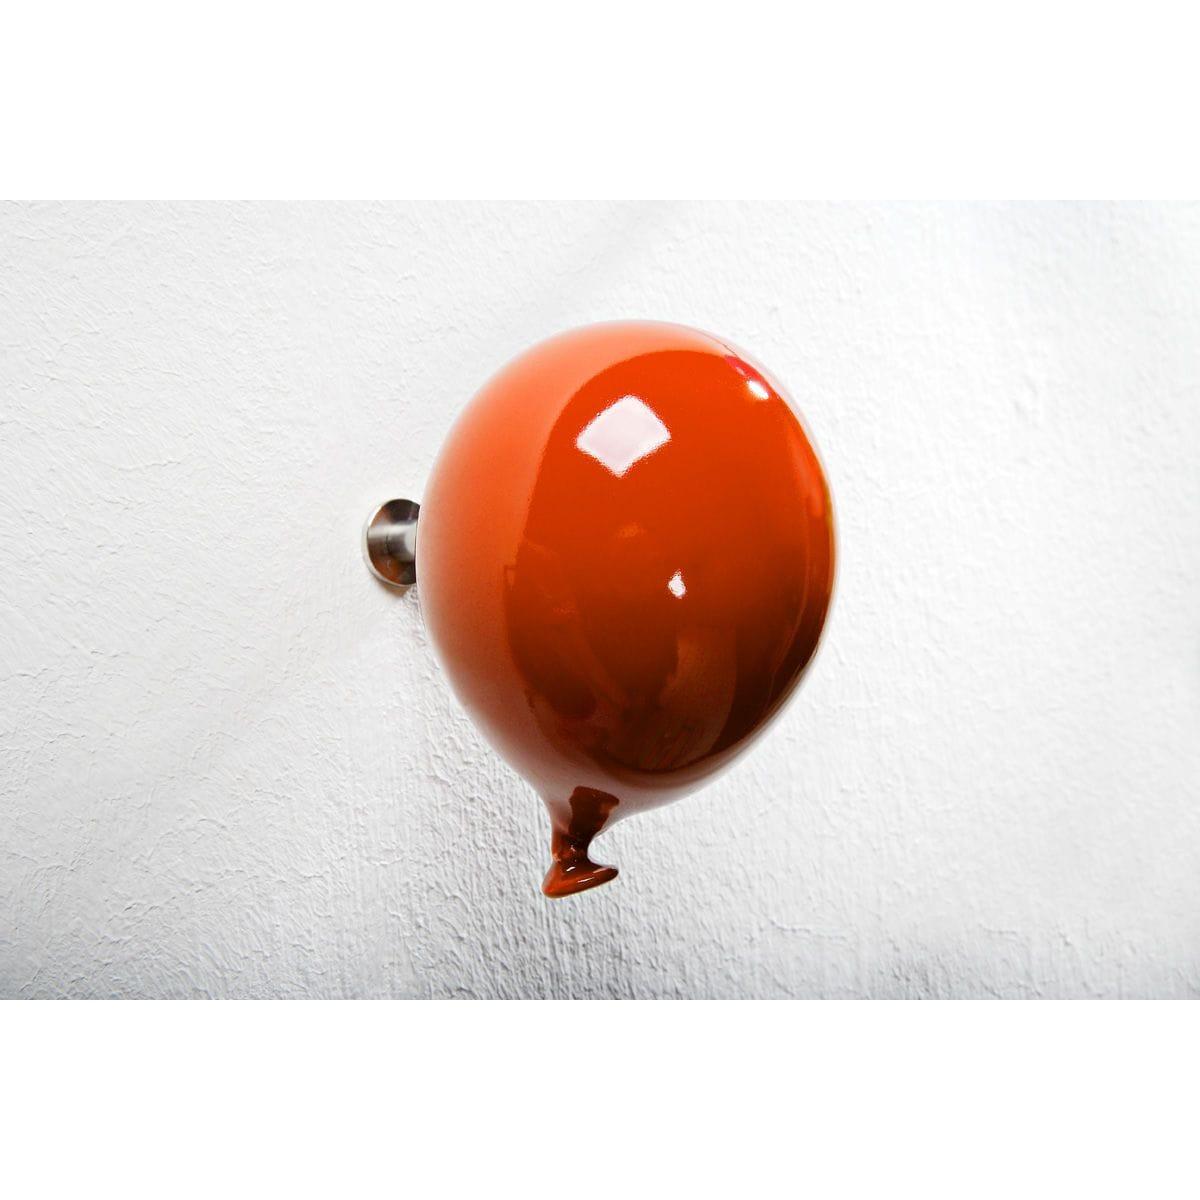 Palloncino in ceramica appendiabiti decorativo miniBalloon arancione SU PARETE